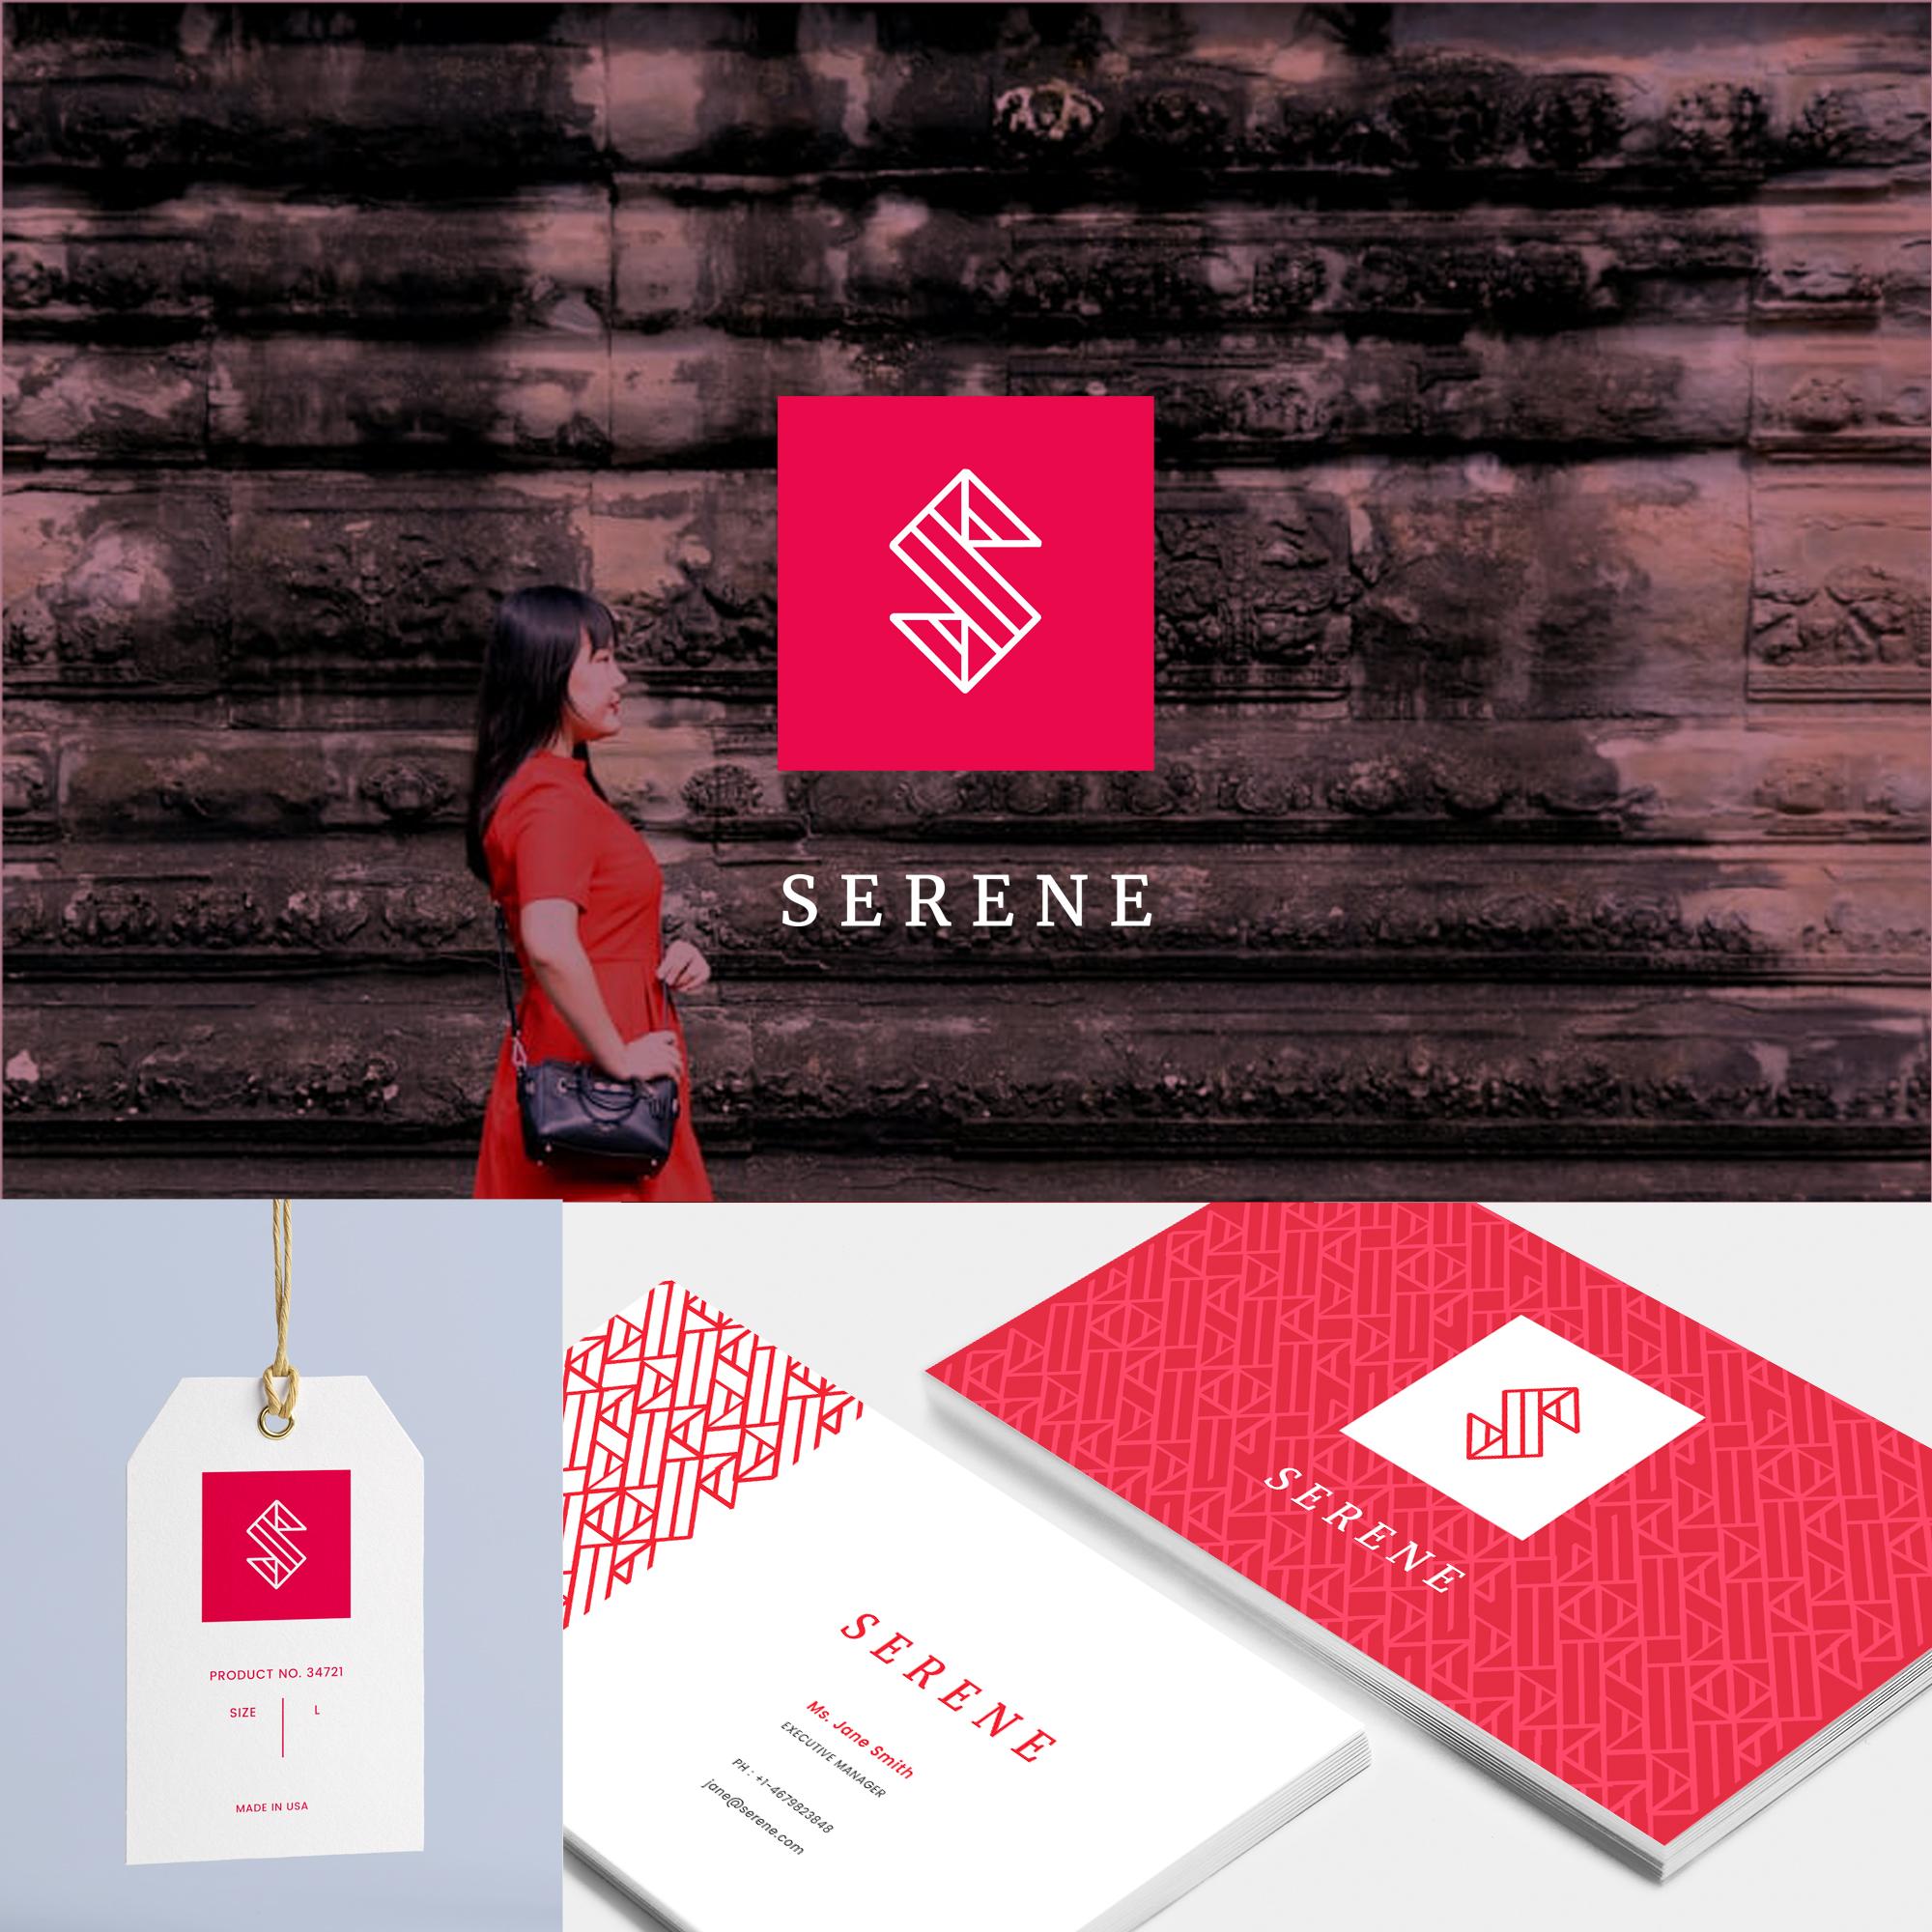 Serene Branding